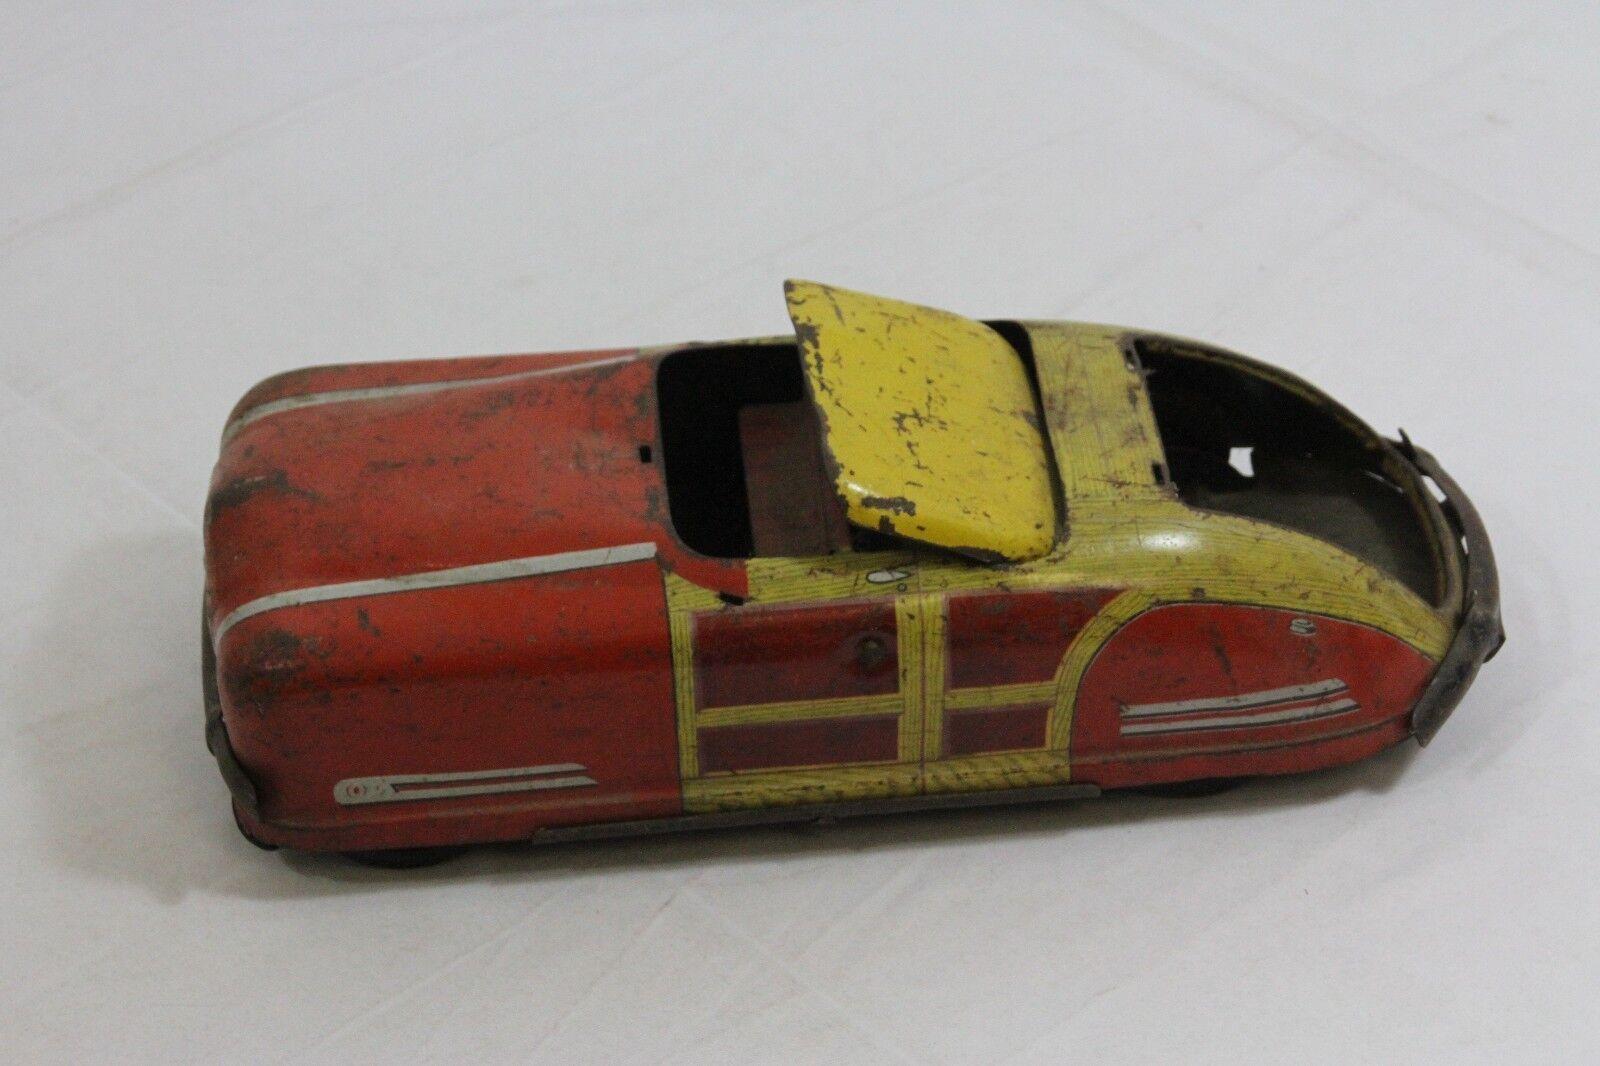 Gelb - rot wyandotte fressie druckguss - spielzeug - auto